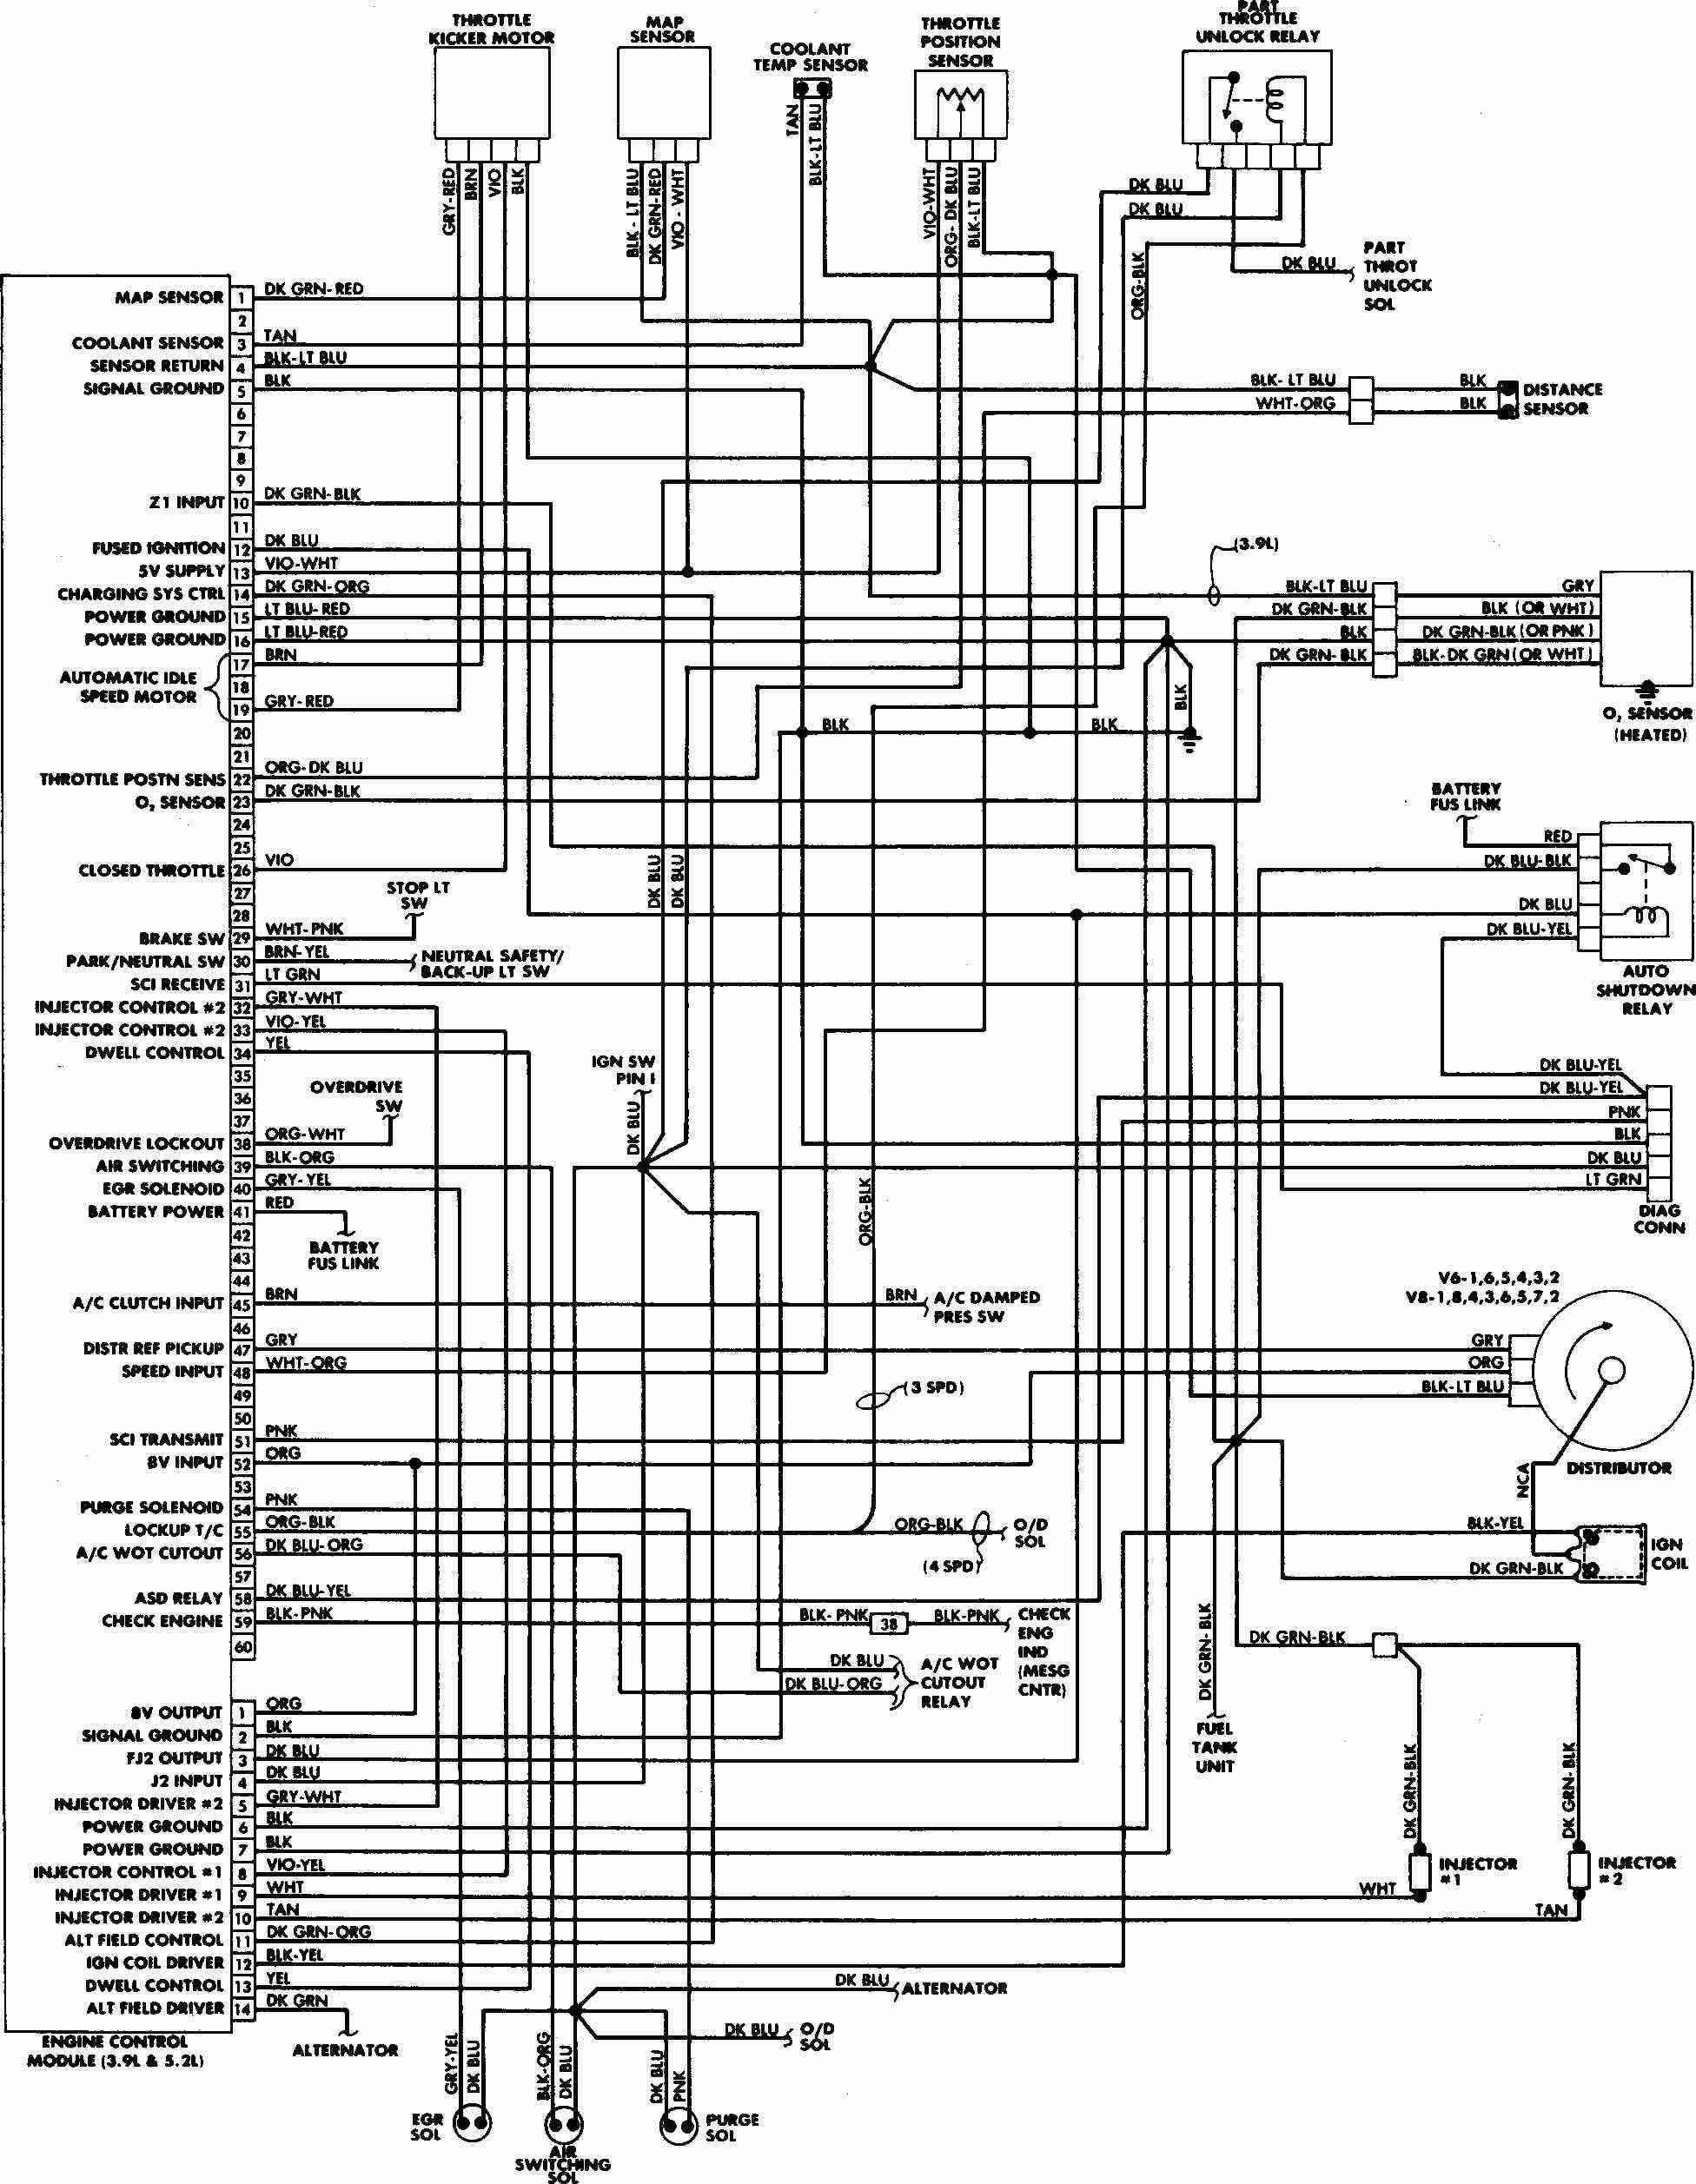 1998 dodge durango engine diagram in 2021 | dodge durango, dodge, 2003 dodge  durango  pinterest